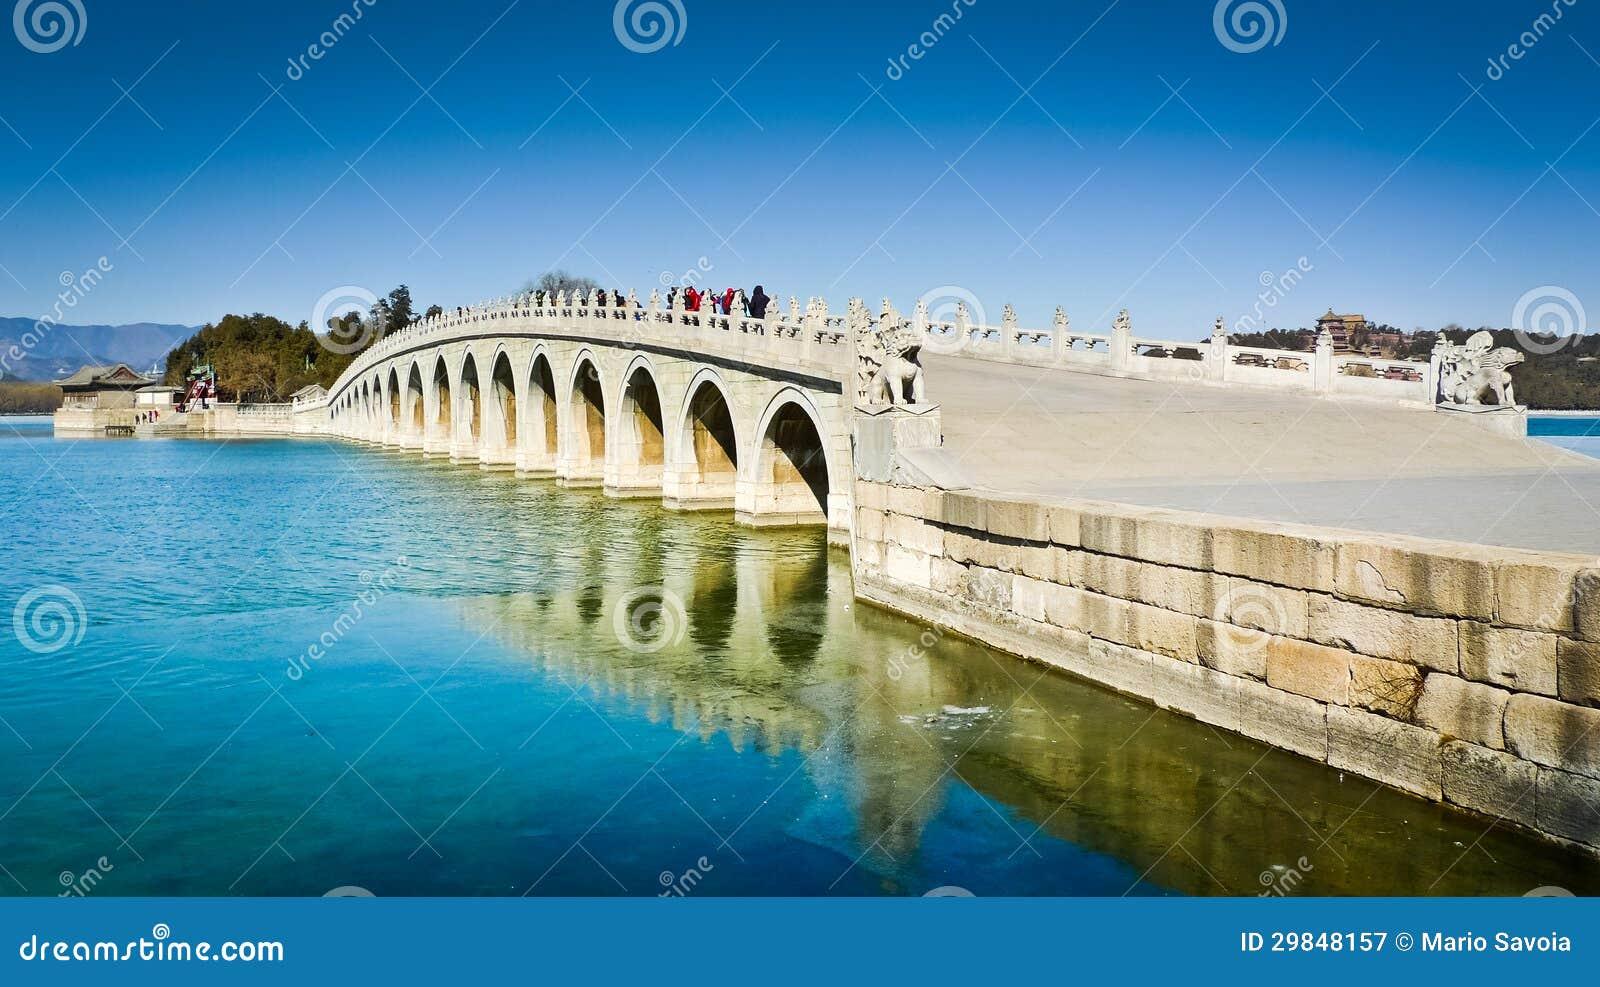 Ponte de dezessete arcos